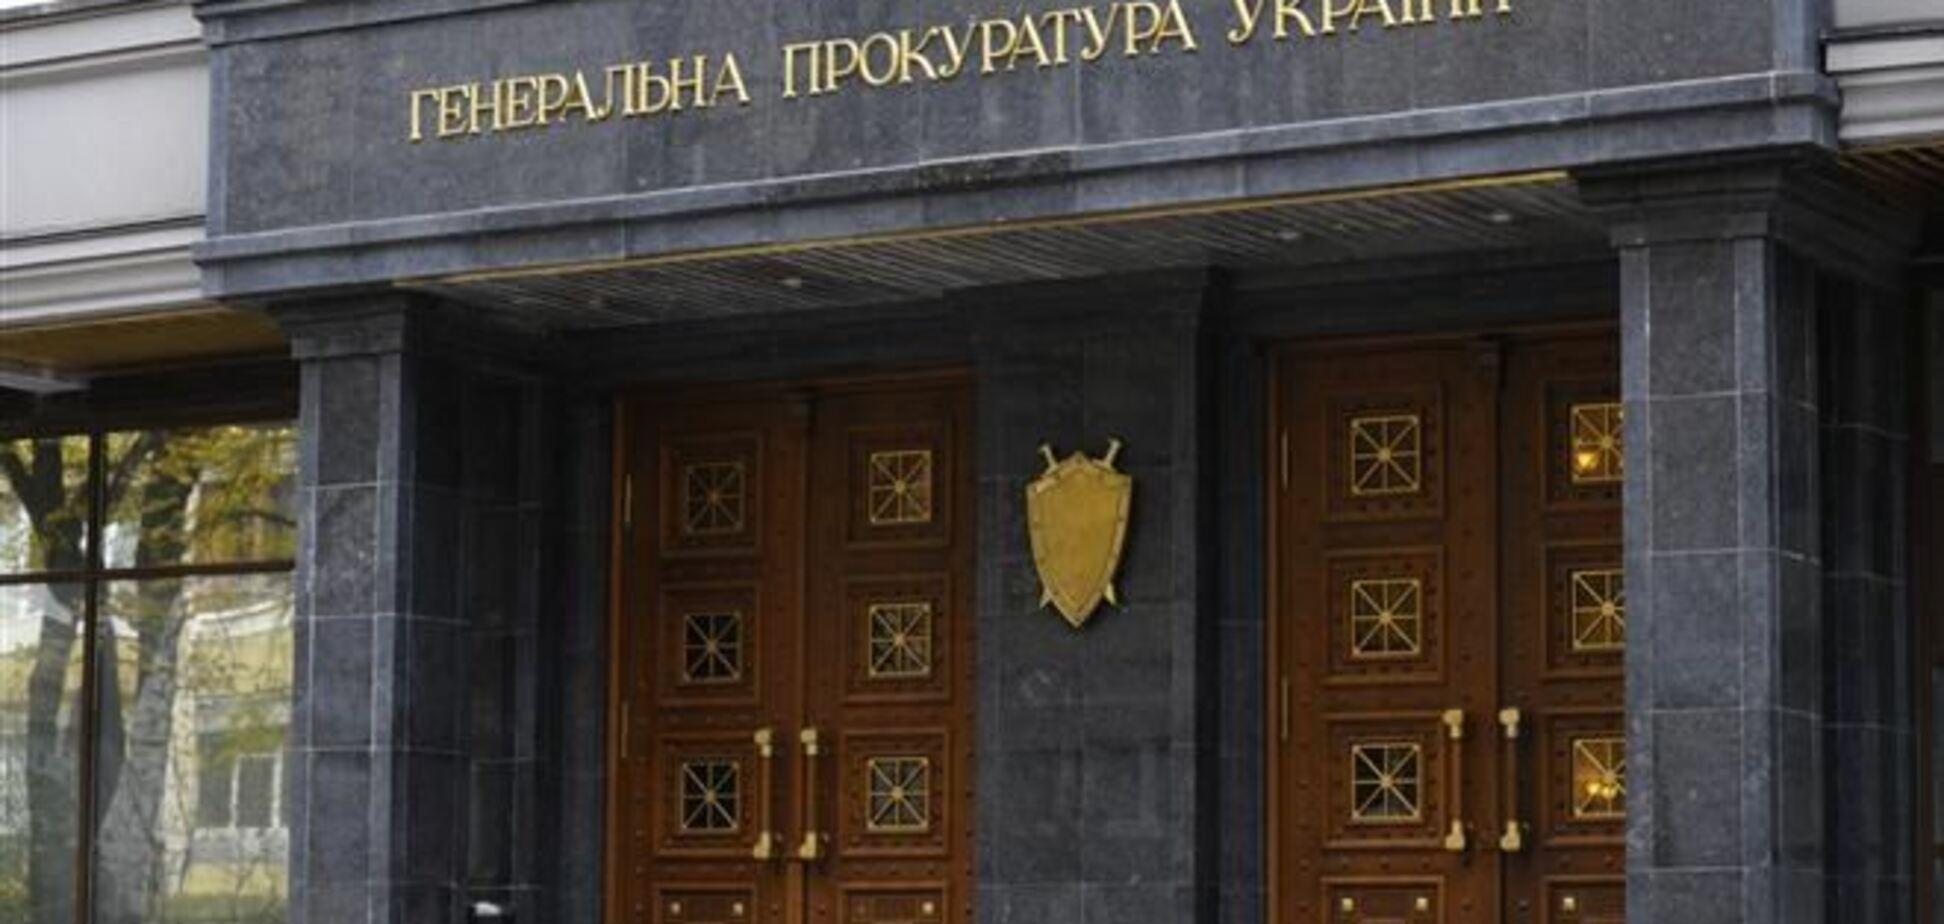 Прокуратура собрала доказательства причастности должностных лиц 'Стирола' к преступлениям